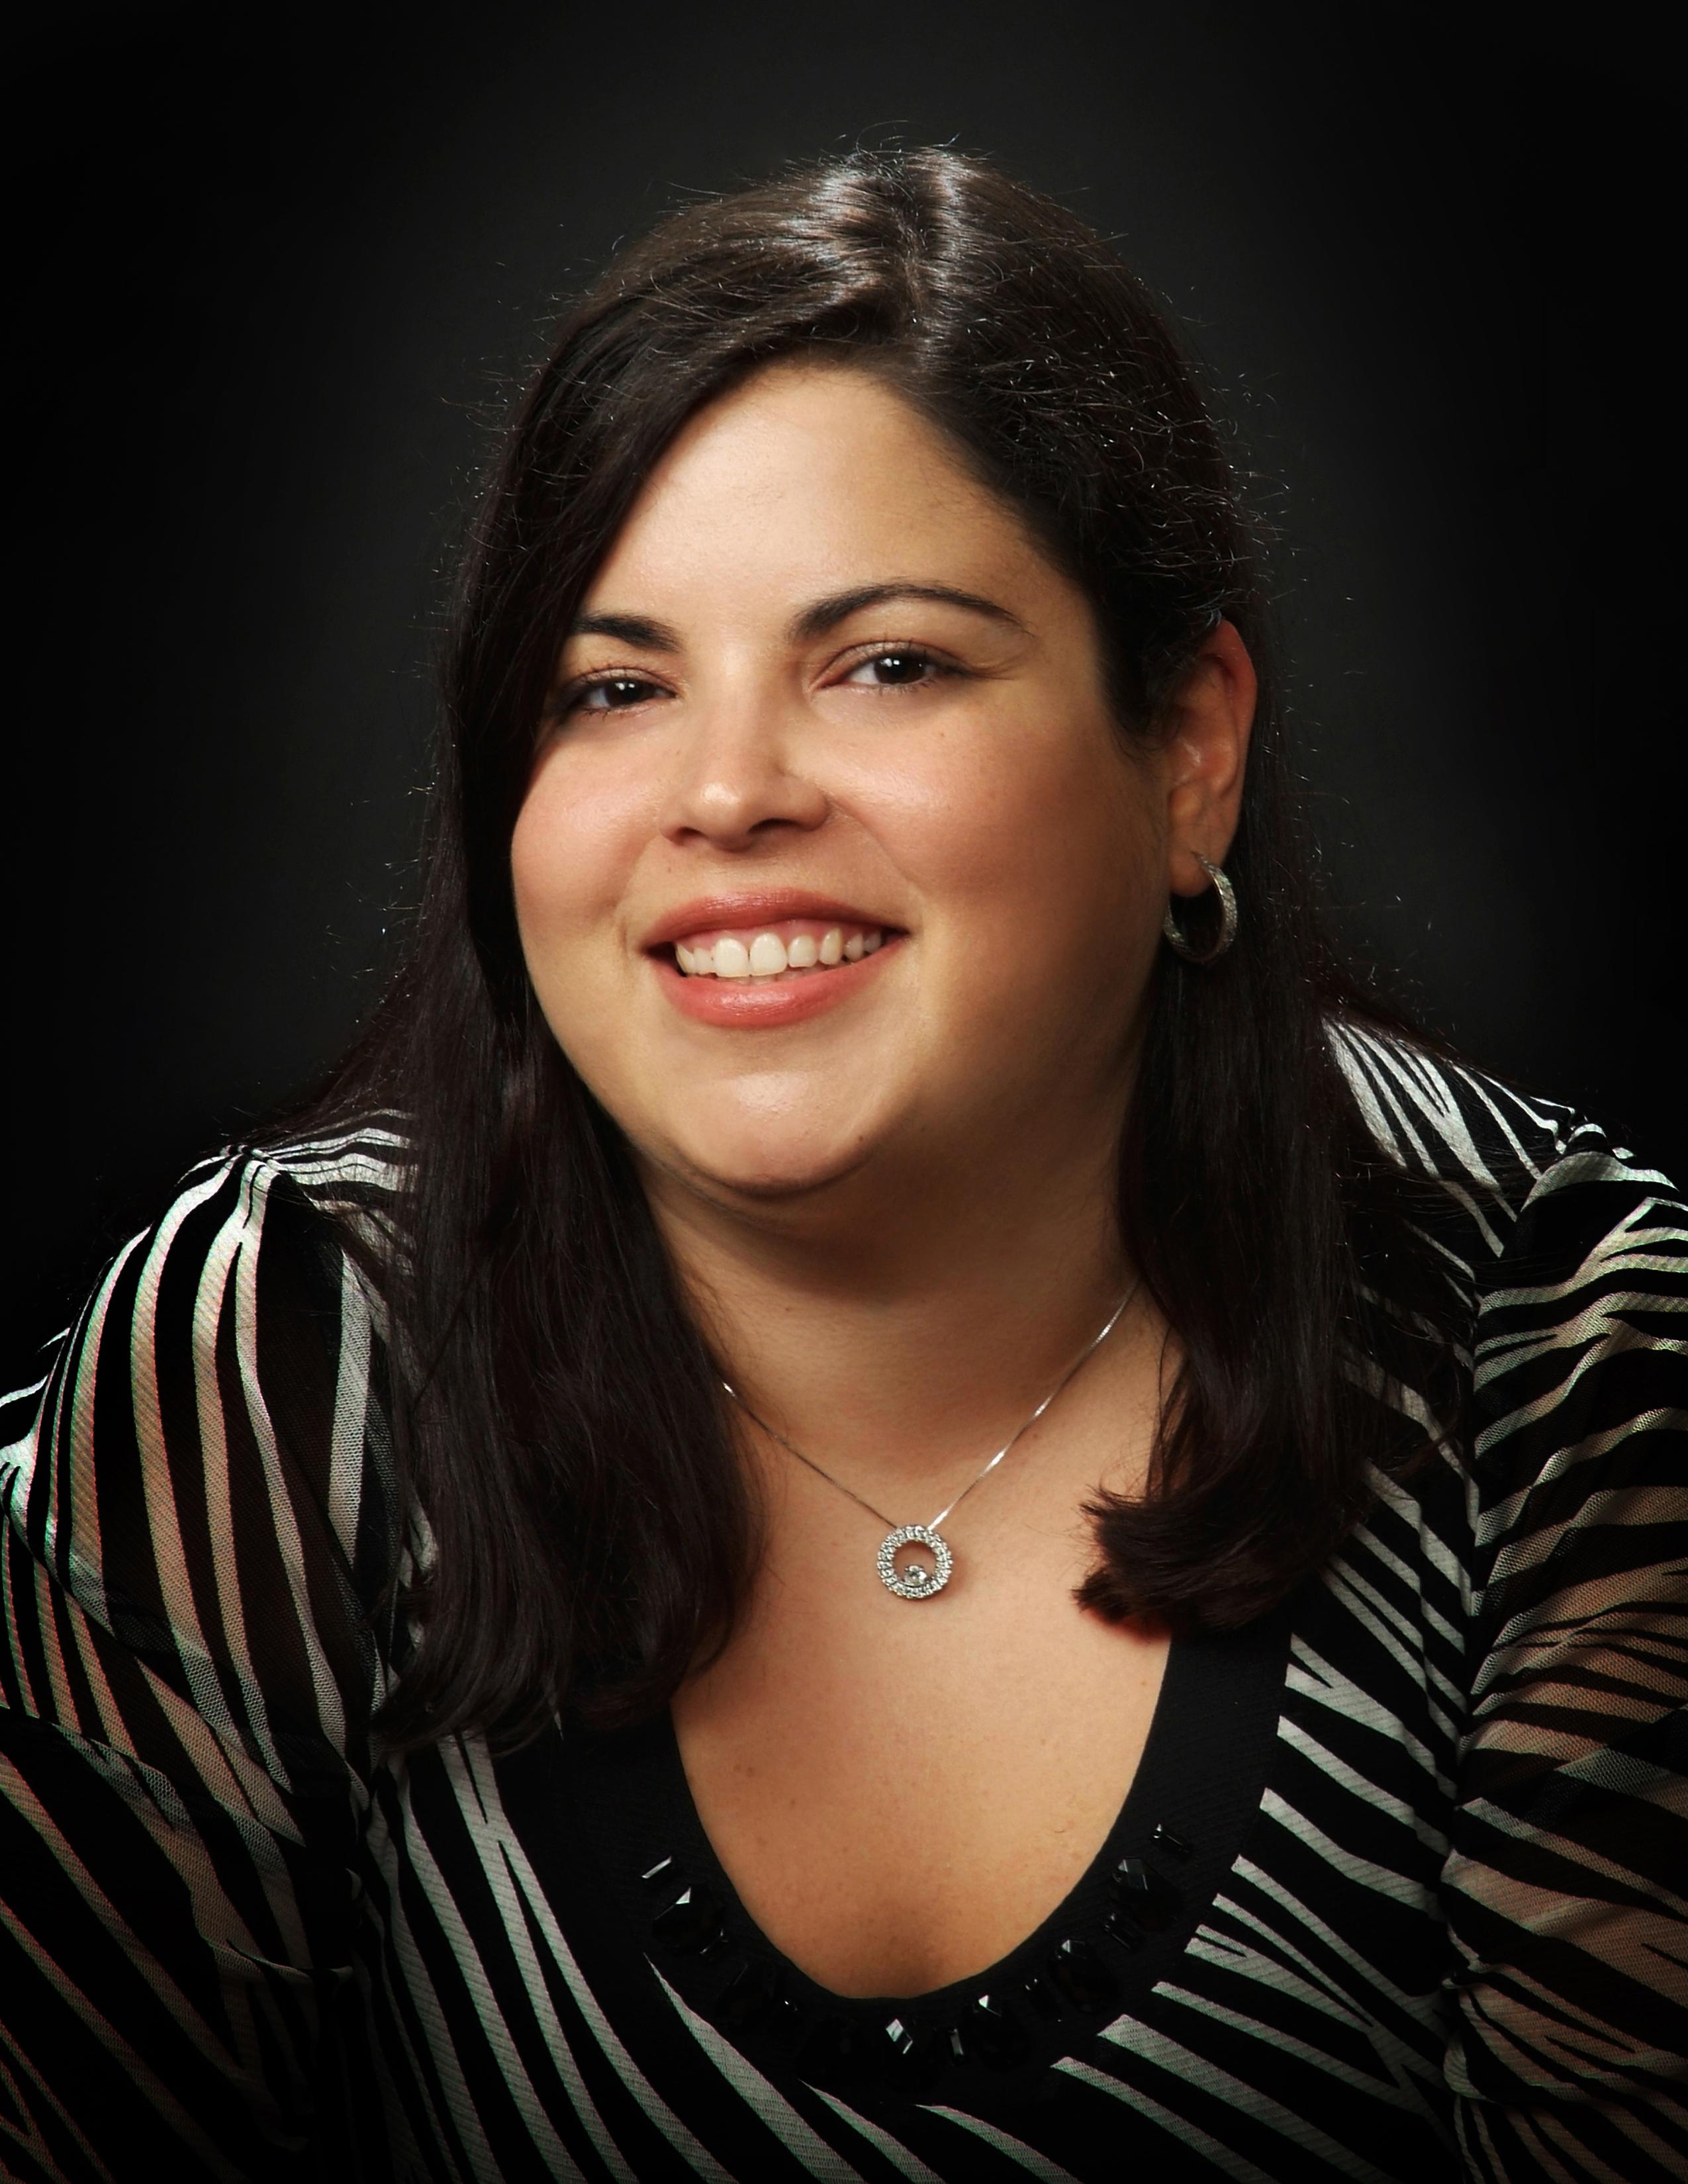 Kristina Jaramillo